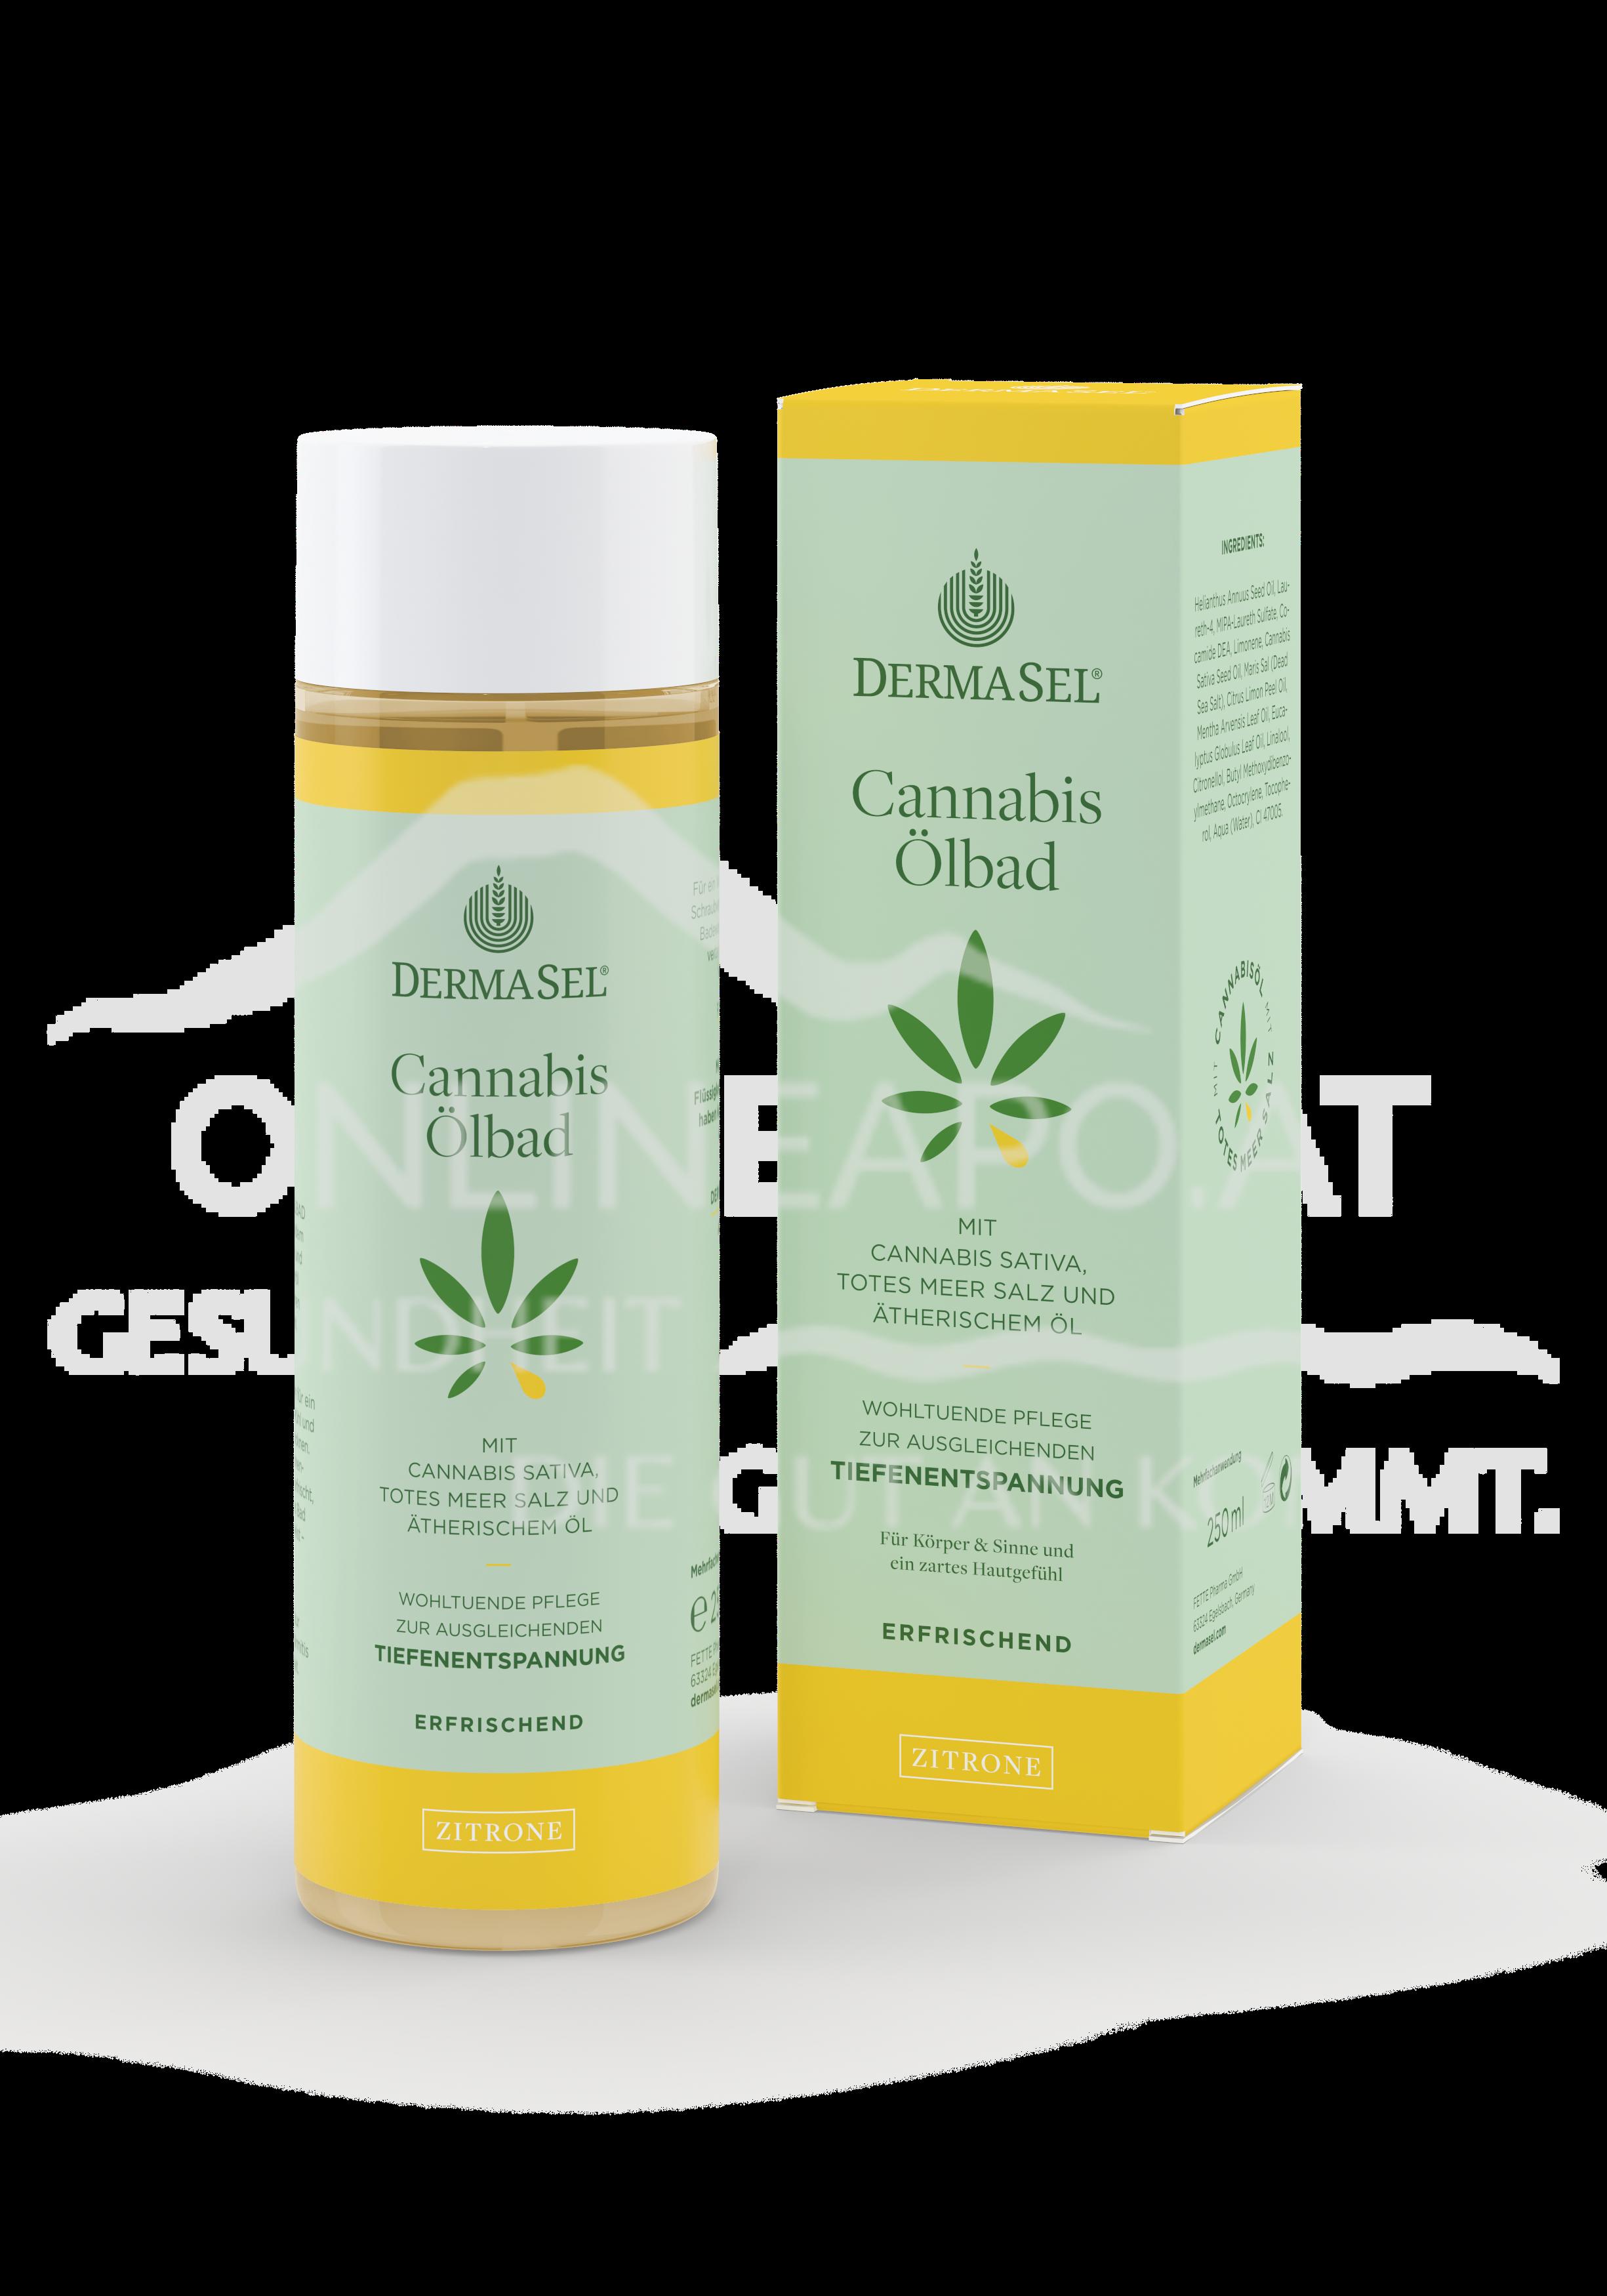 DermaSel® Cannabis Ölbad Zitrone